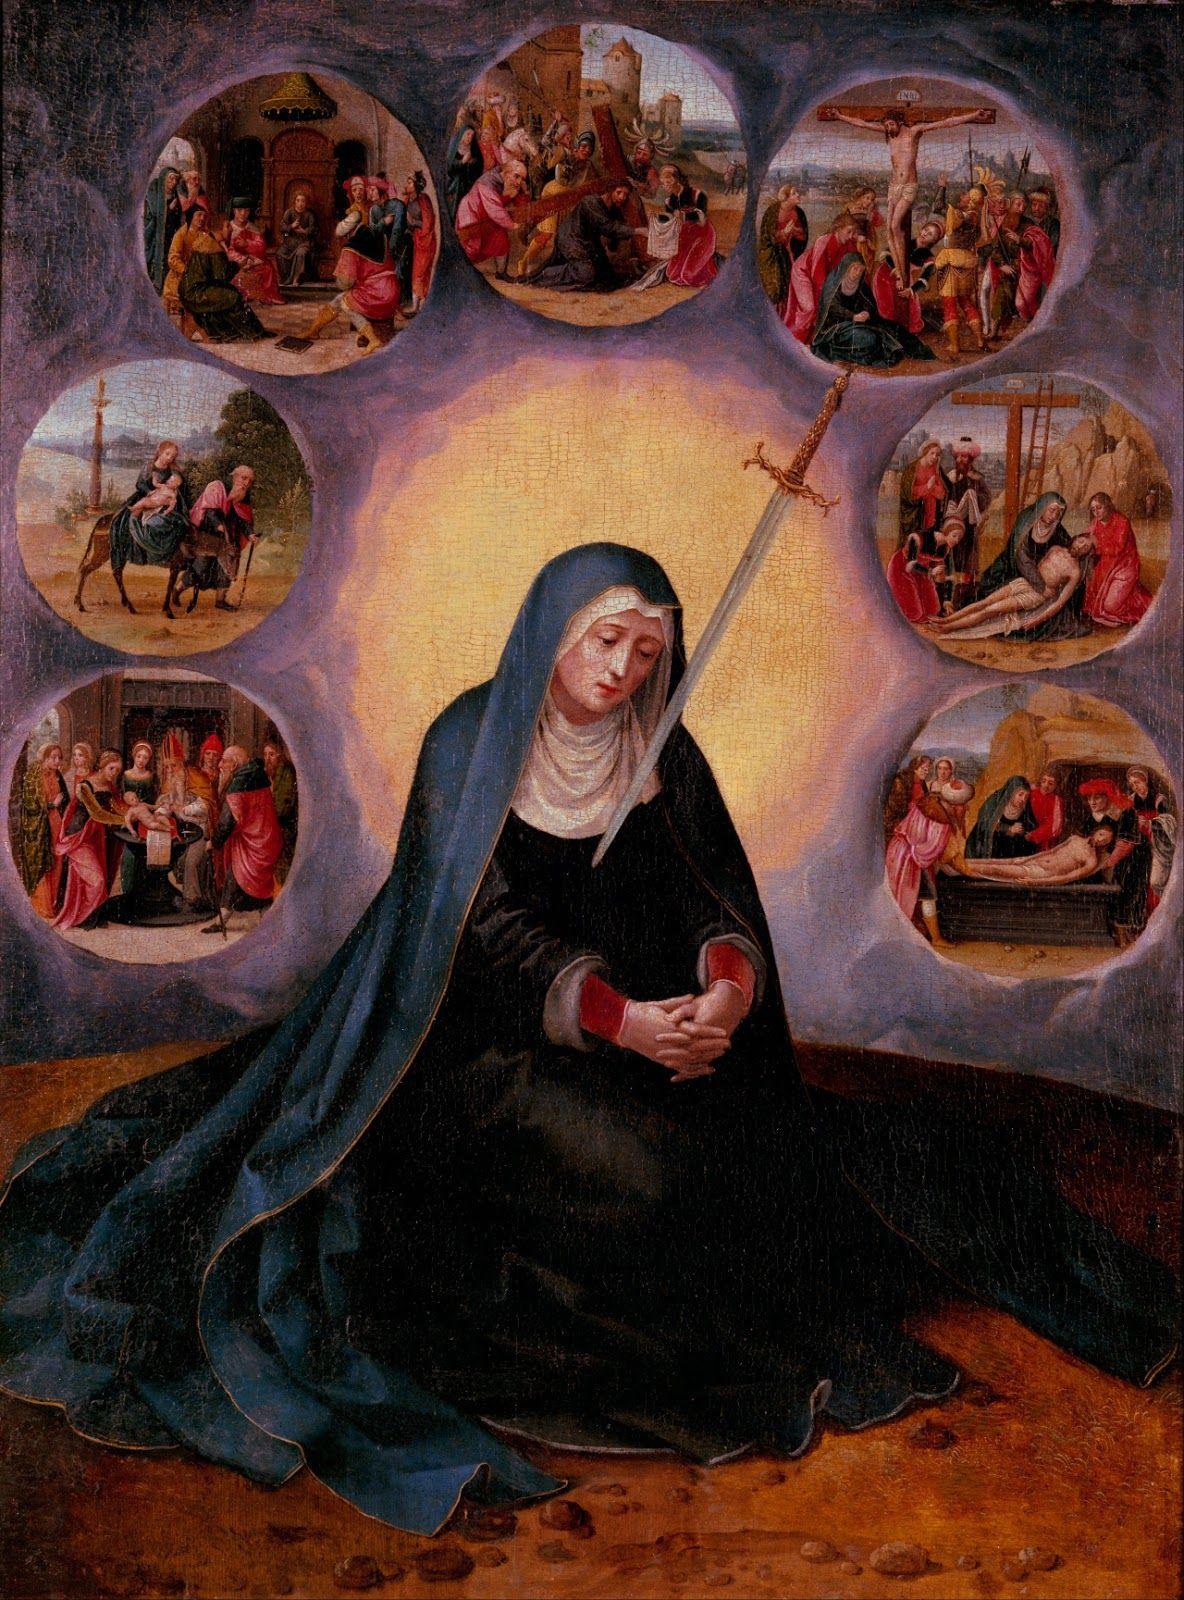 Nossa Senhora Das Dores Imagens Fotos Icones Pinturas